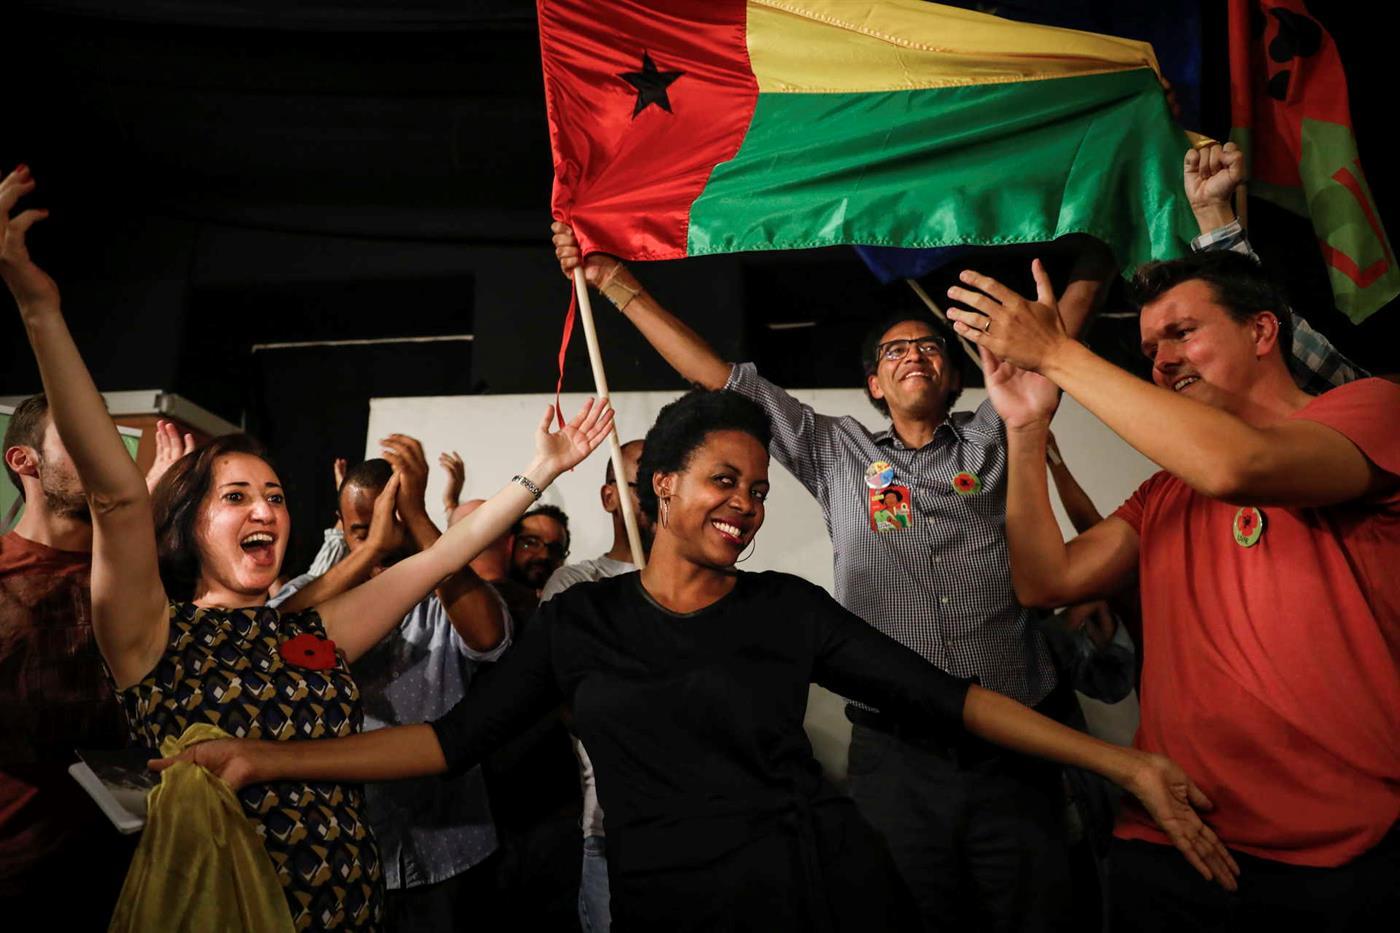 LIVRE Elege em Lisboa, Celebra Vitória com Bandeiras da Guiné-Bissau